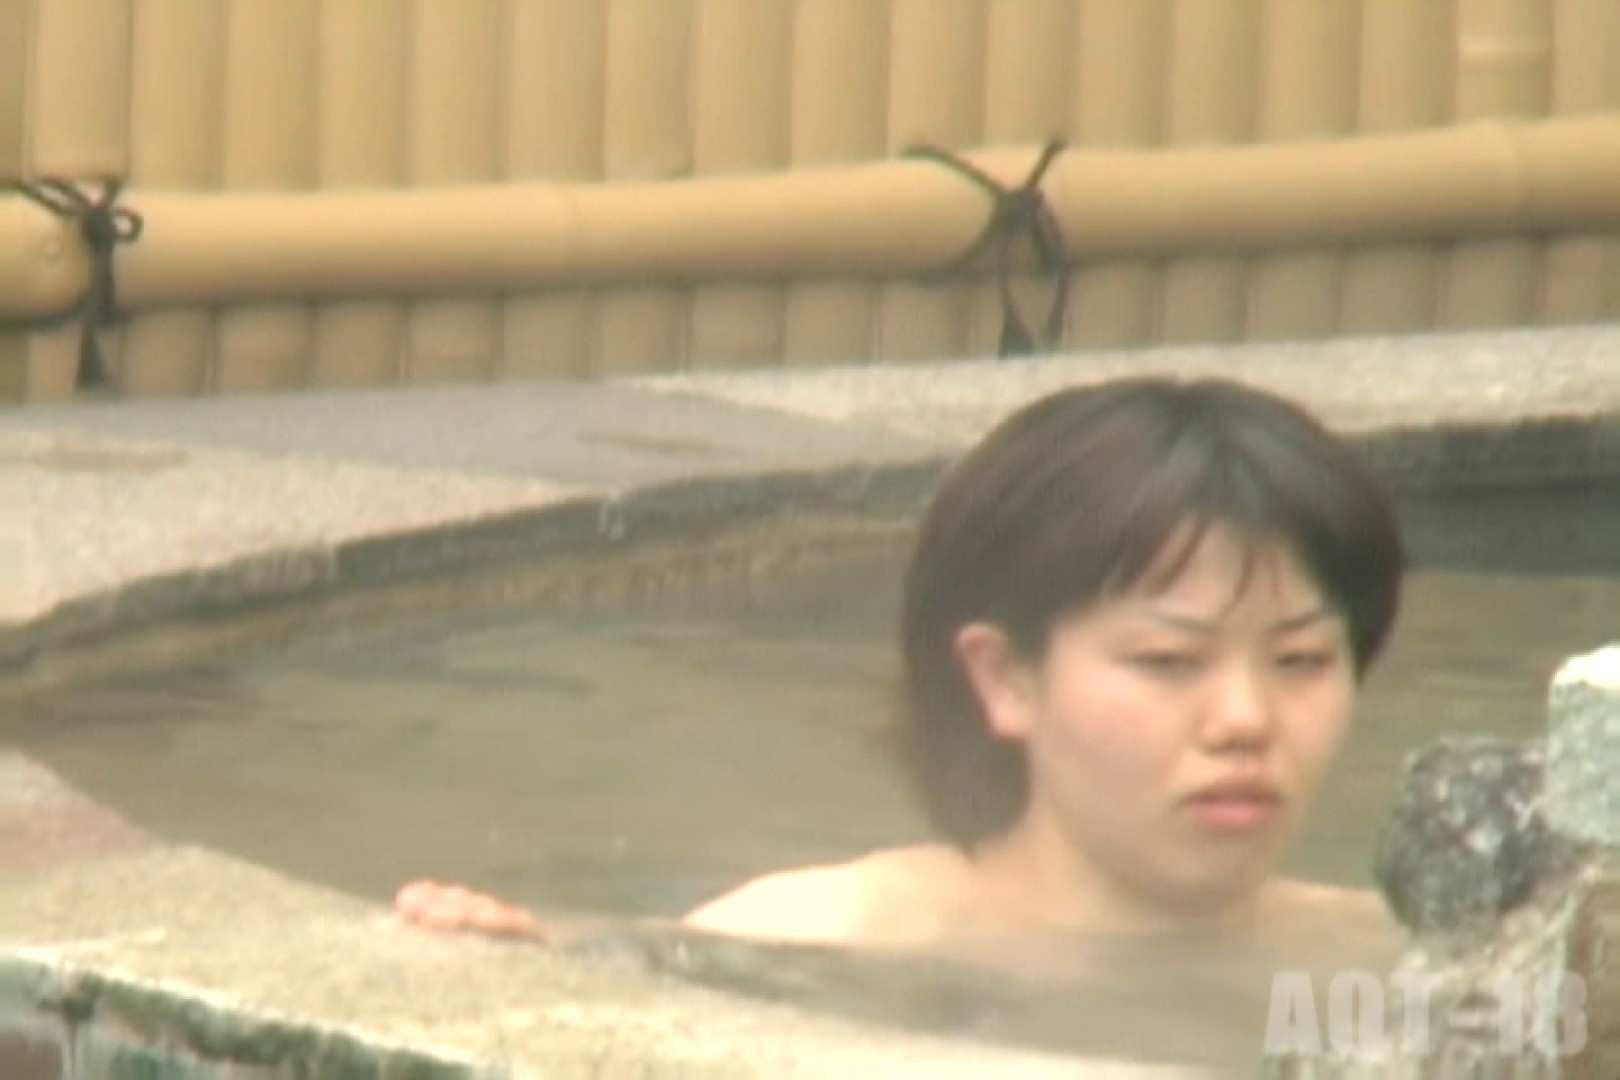 Aquaな露天風呂Vol.861 0   0  94pic 65